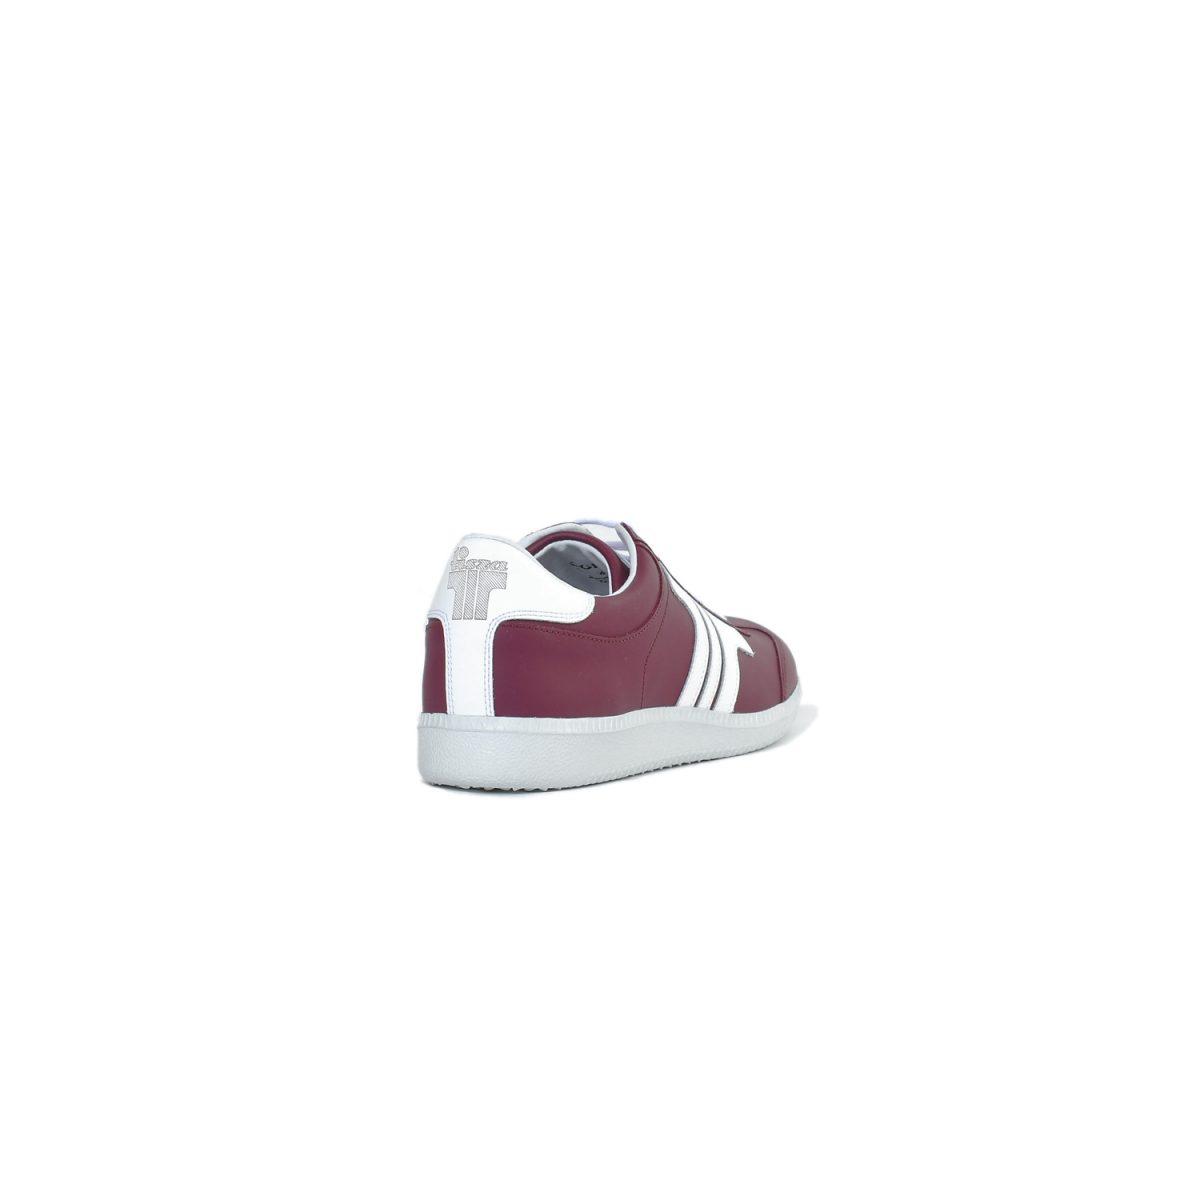 Tisza shoes - Compakt - Wild ginger-white